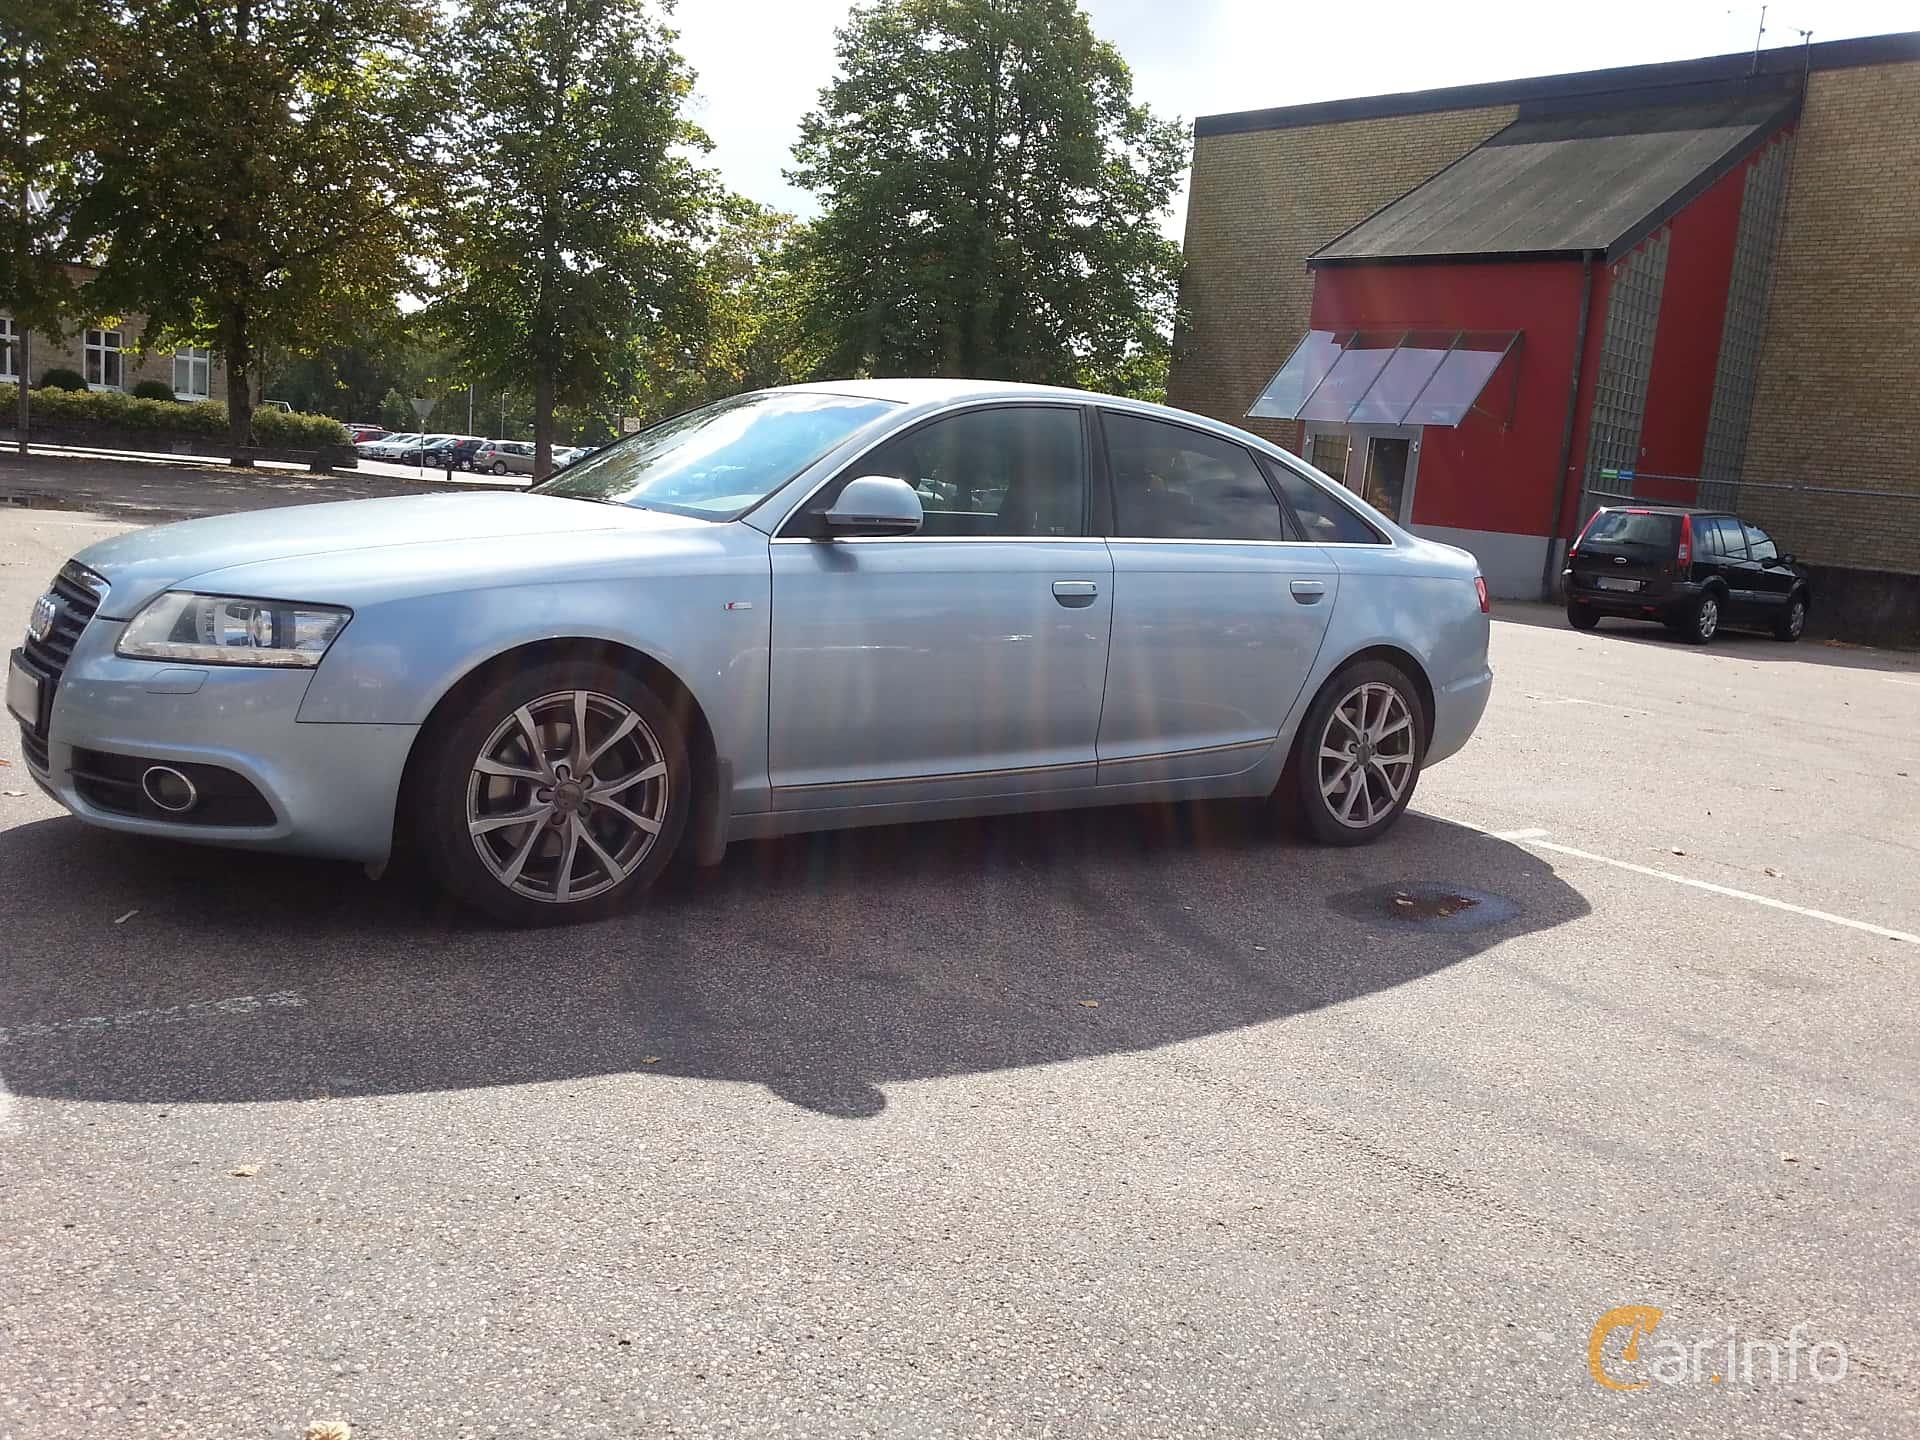 Kelebihan Kekurangan Audi A6 2.8 Fsi Tangguh